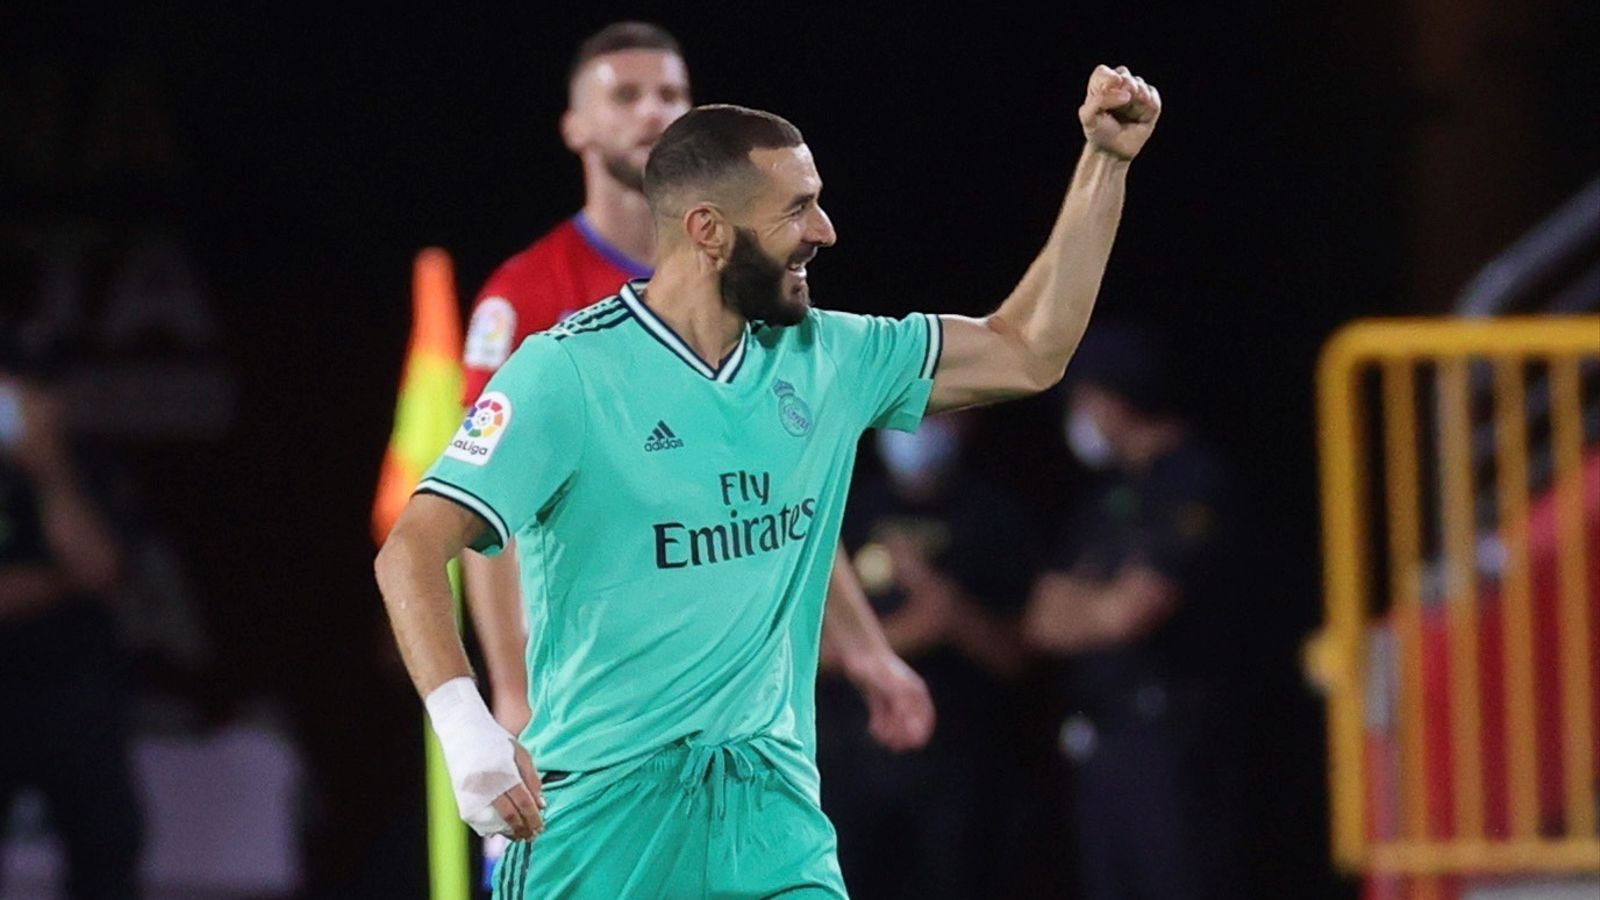 El Madrid ja ensuma la Lliga més llarga